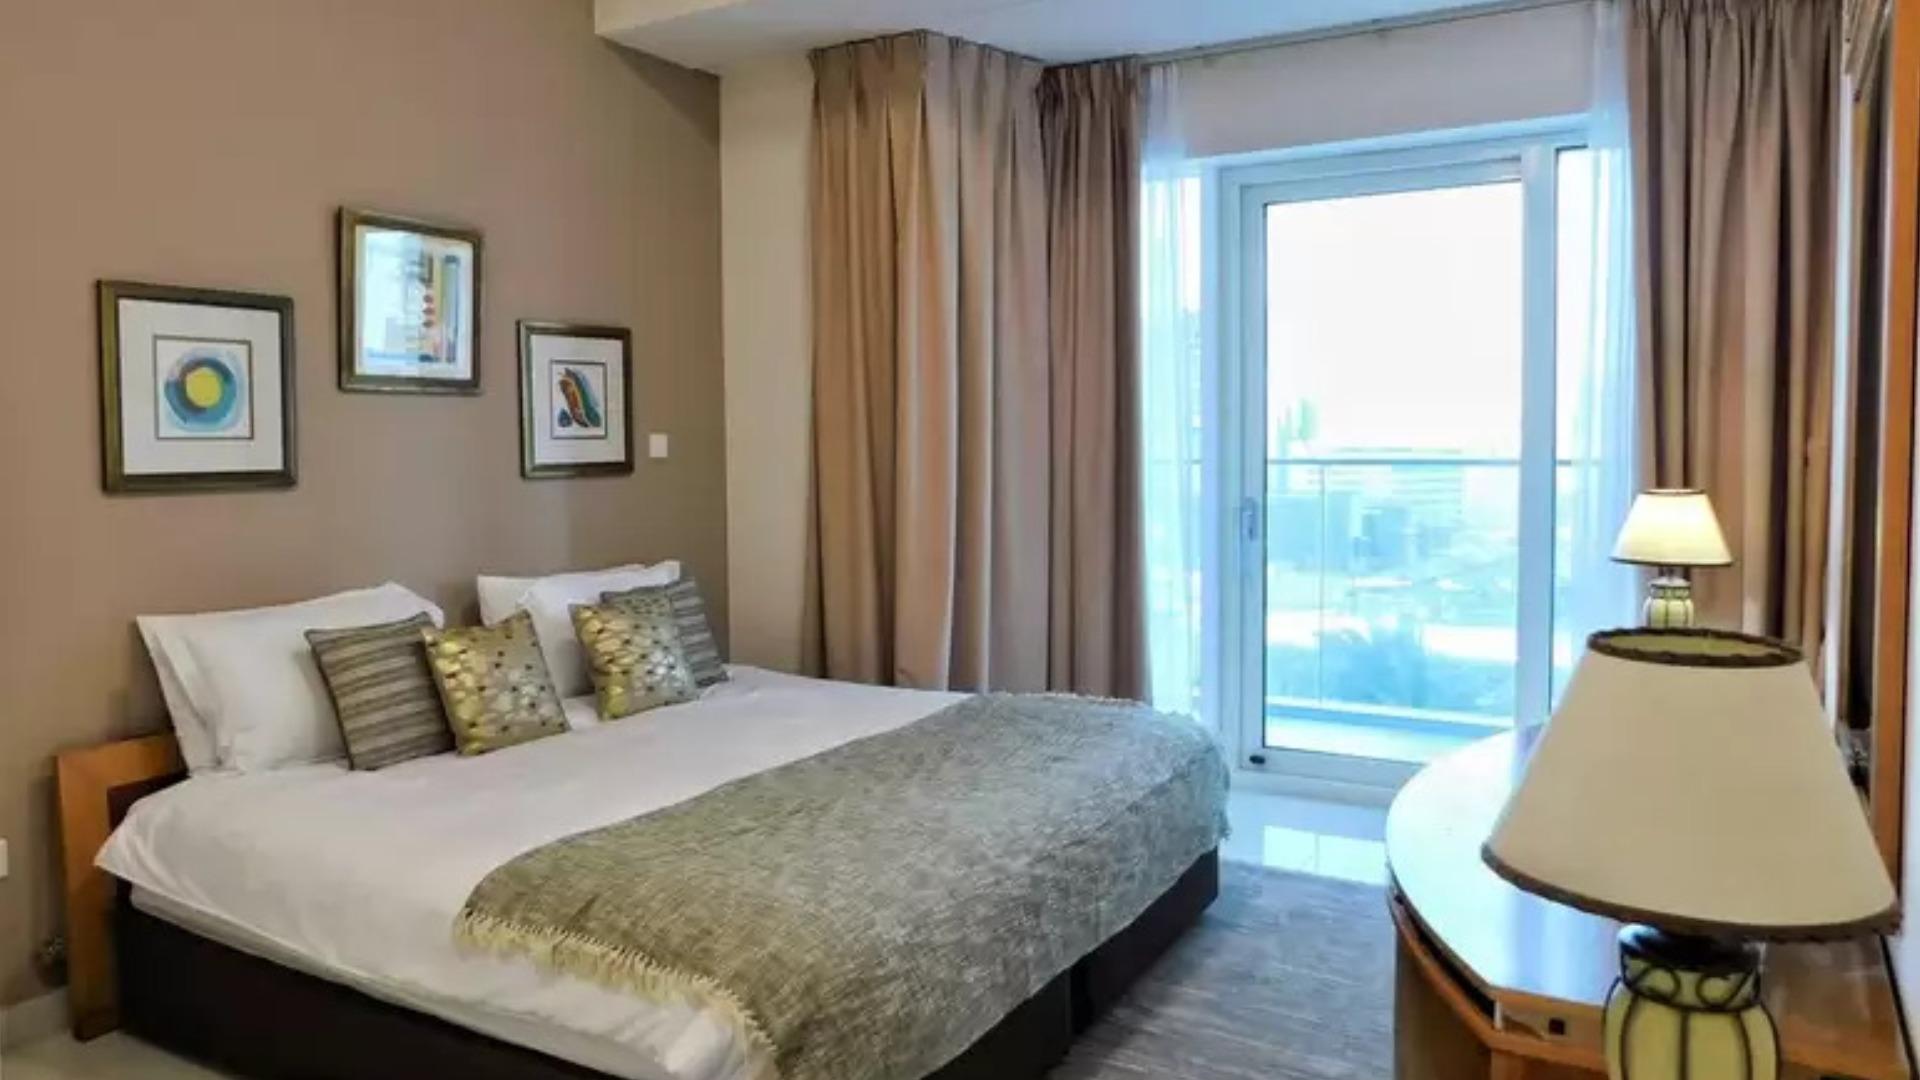 Apartment for sale in Dubai, UAE, 1 bedroom, 86 m2, No. 24242 – photo 4